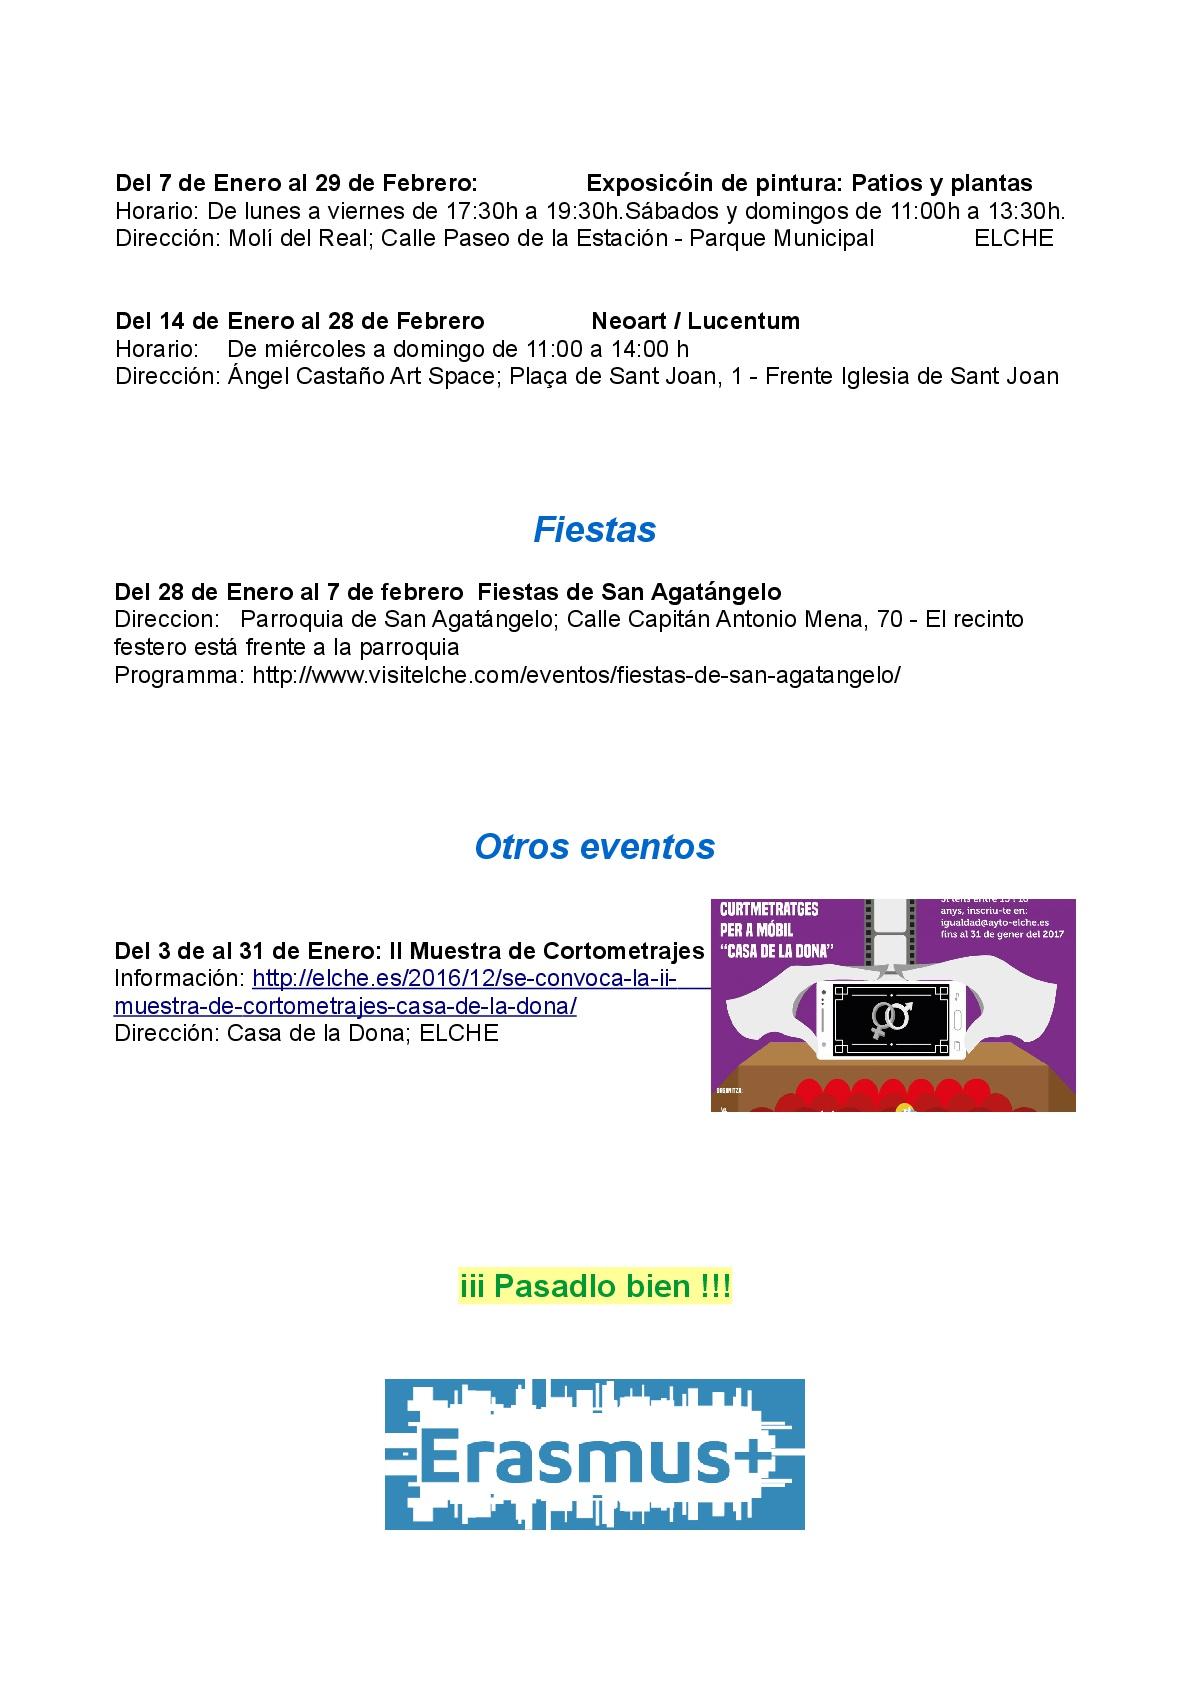 Eventos-23-29.01.17-003